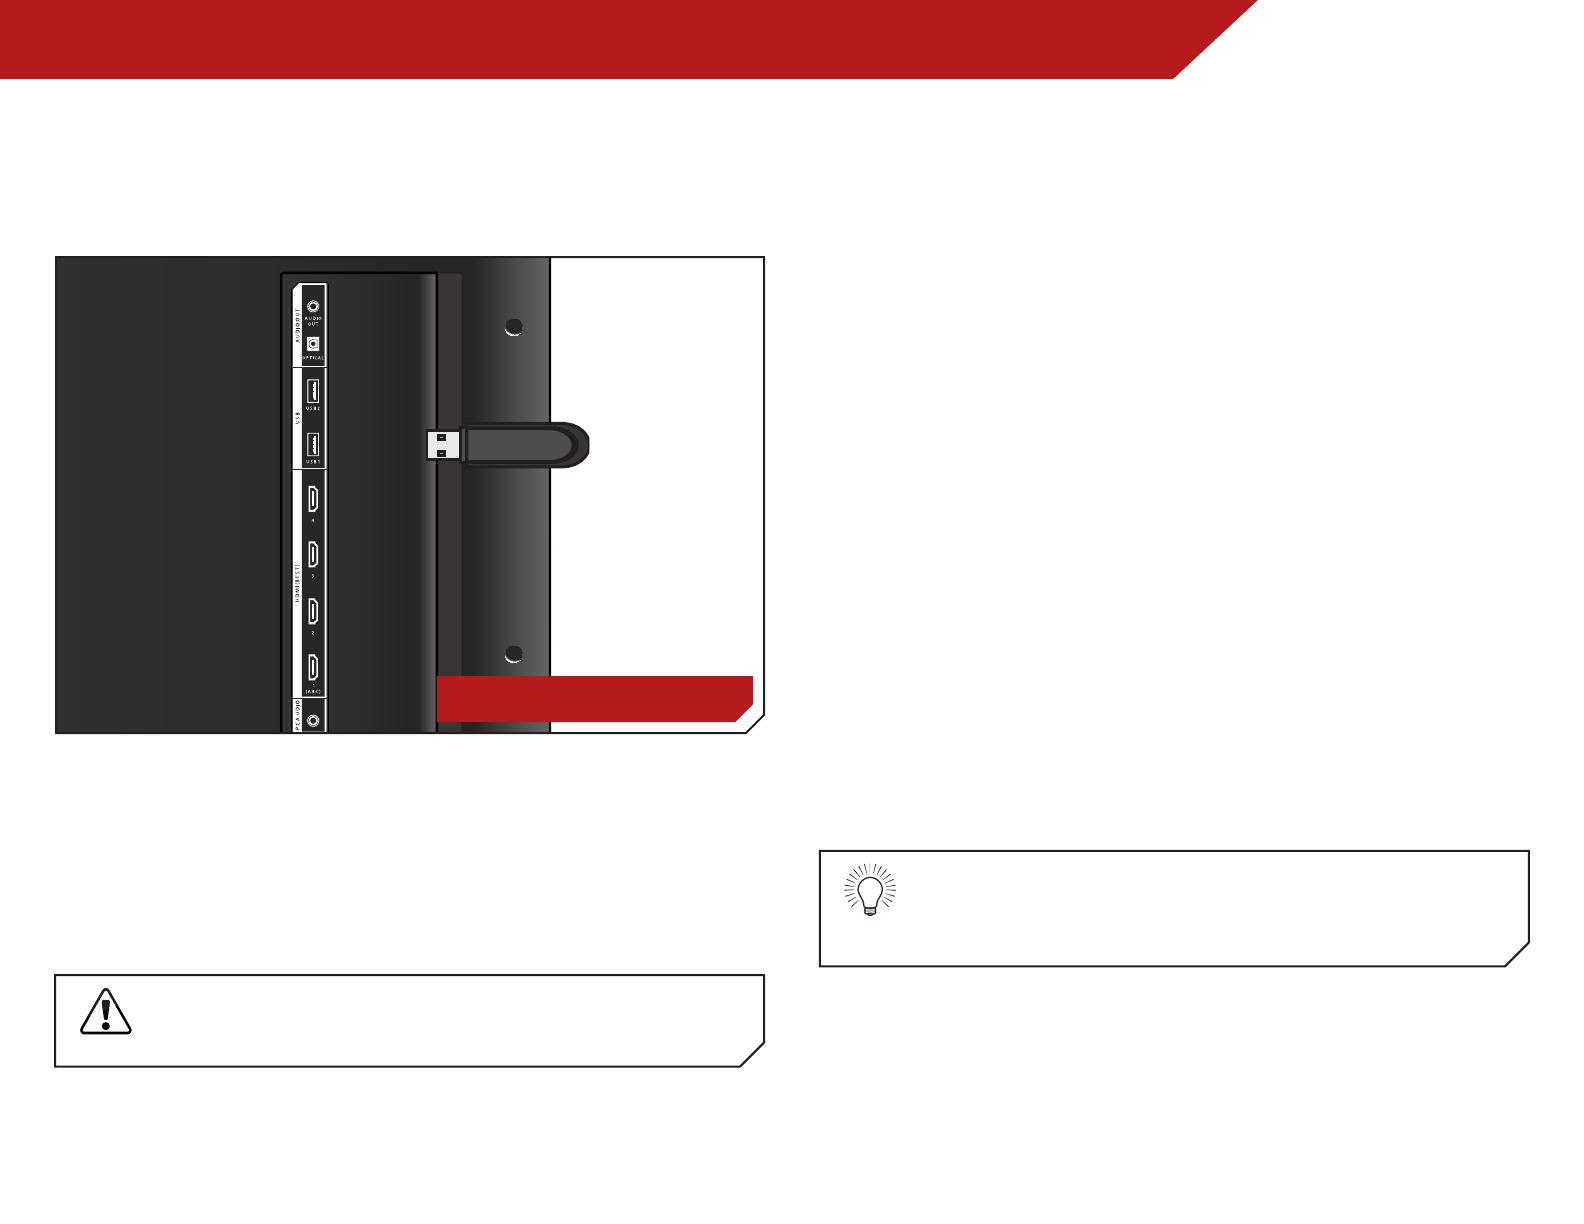 User s Manual - America s LCD HDTV Company VIZIO